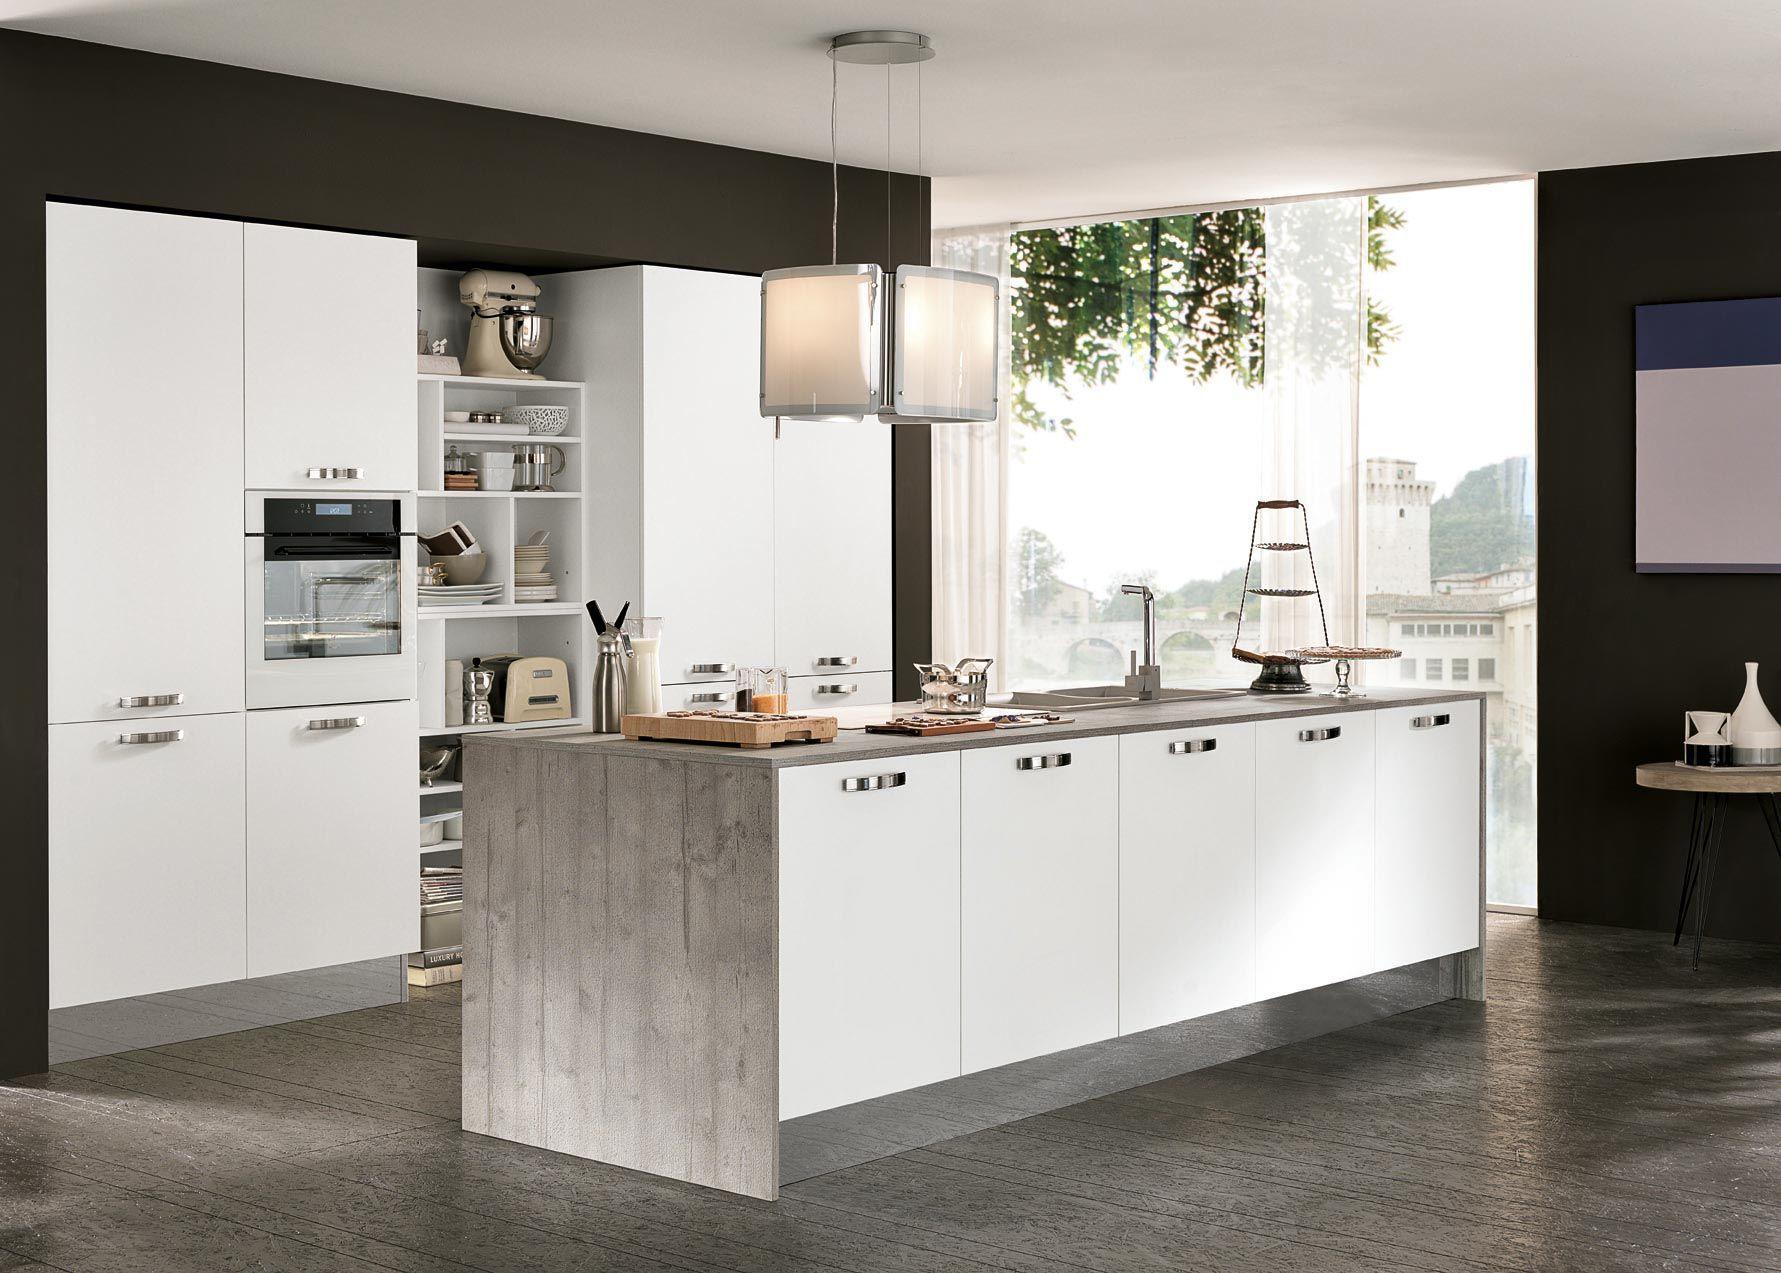 16 photo modern minimalist kitchen design ideas 4   Kitchen room ...